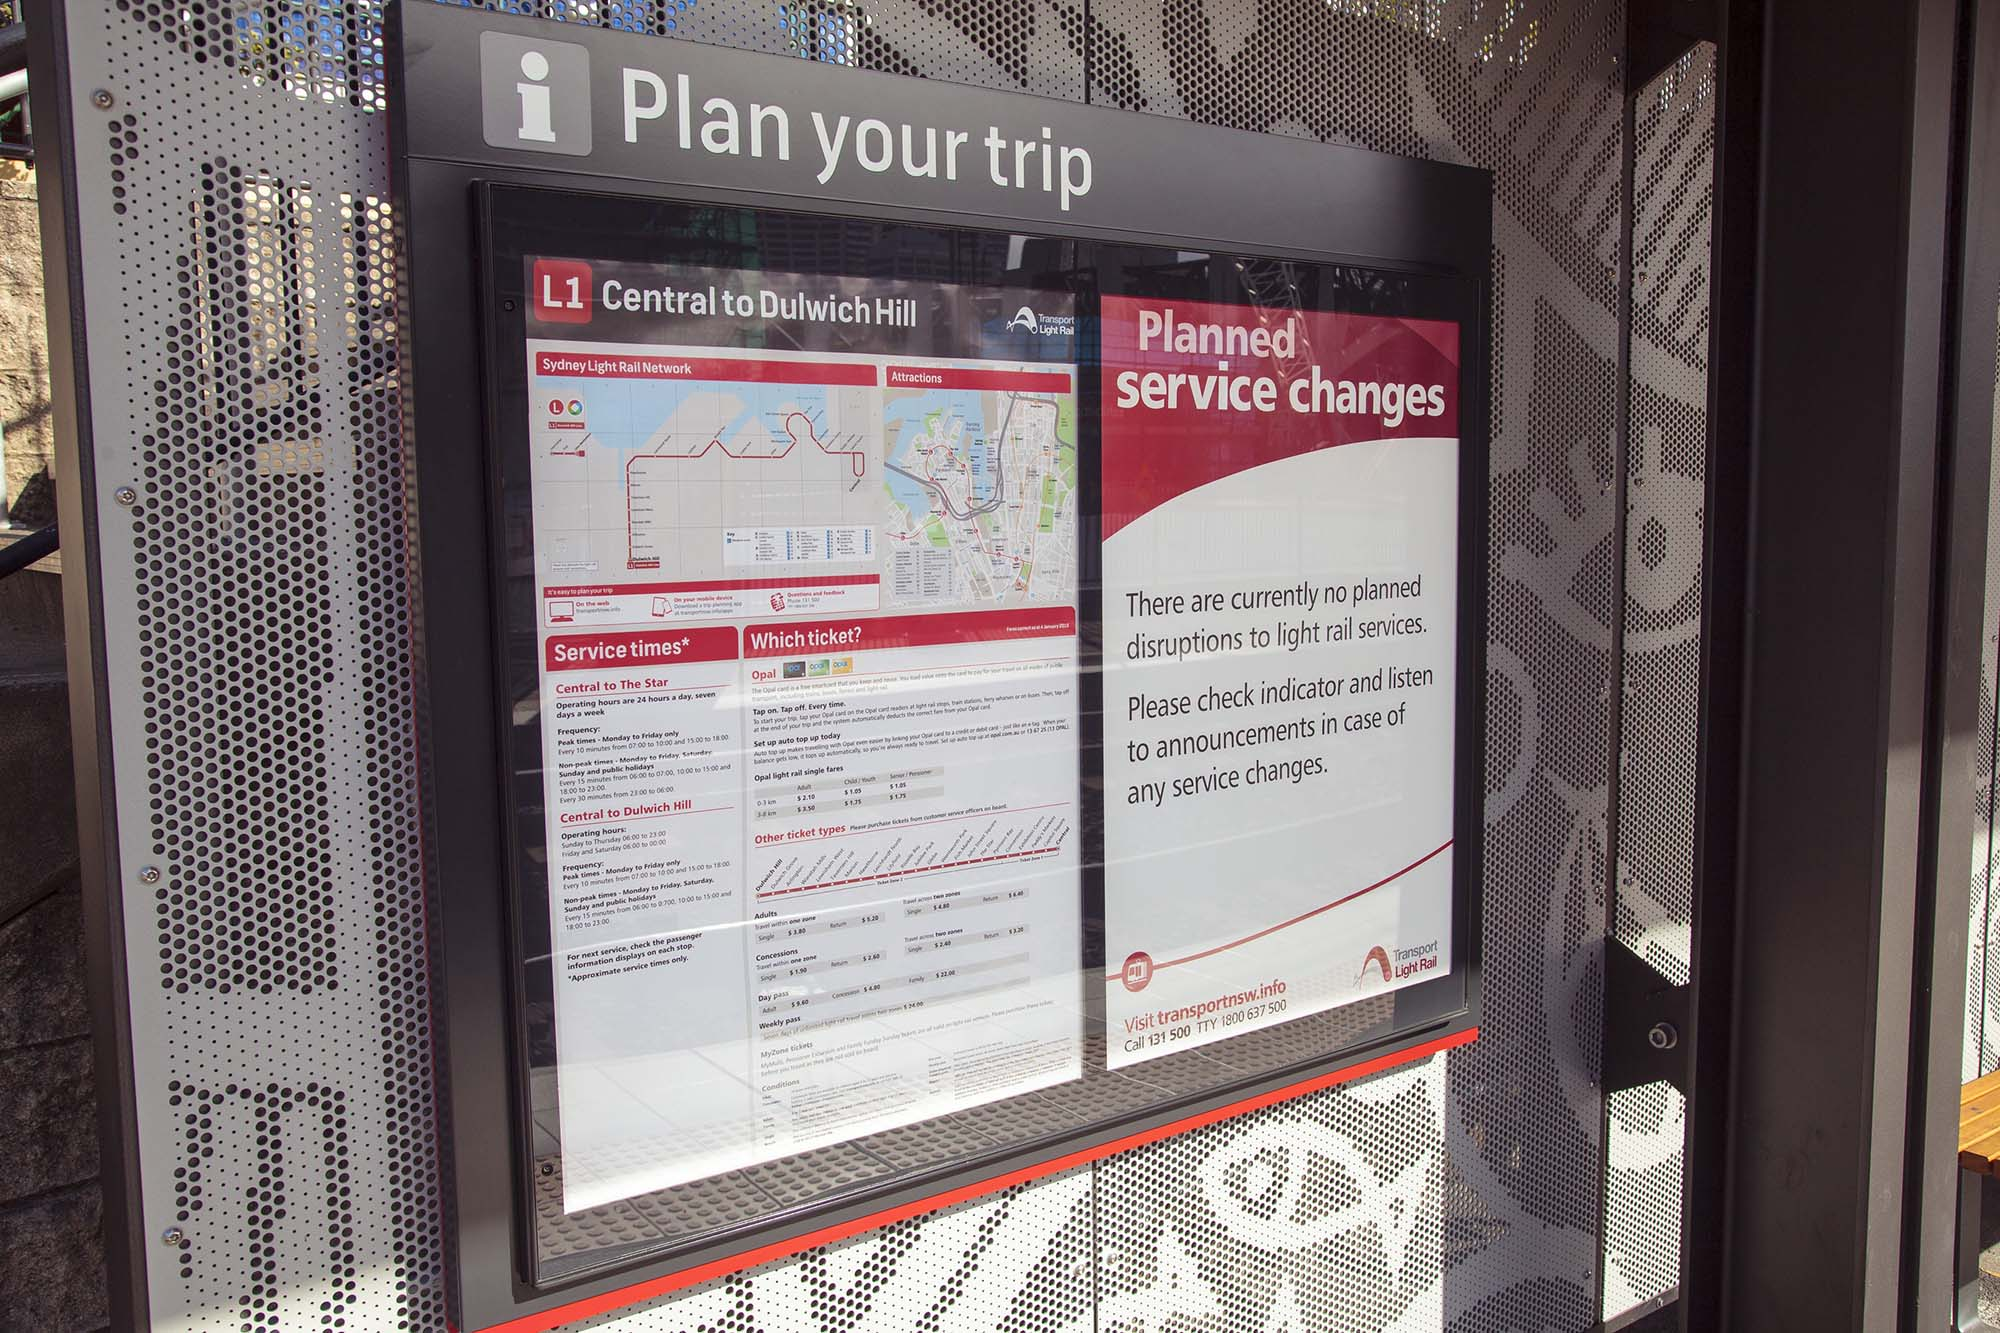 Plan   transportnsw info